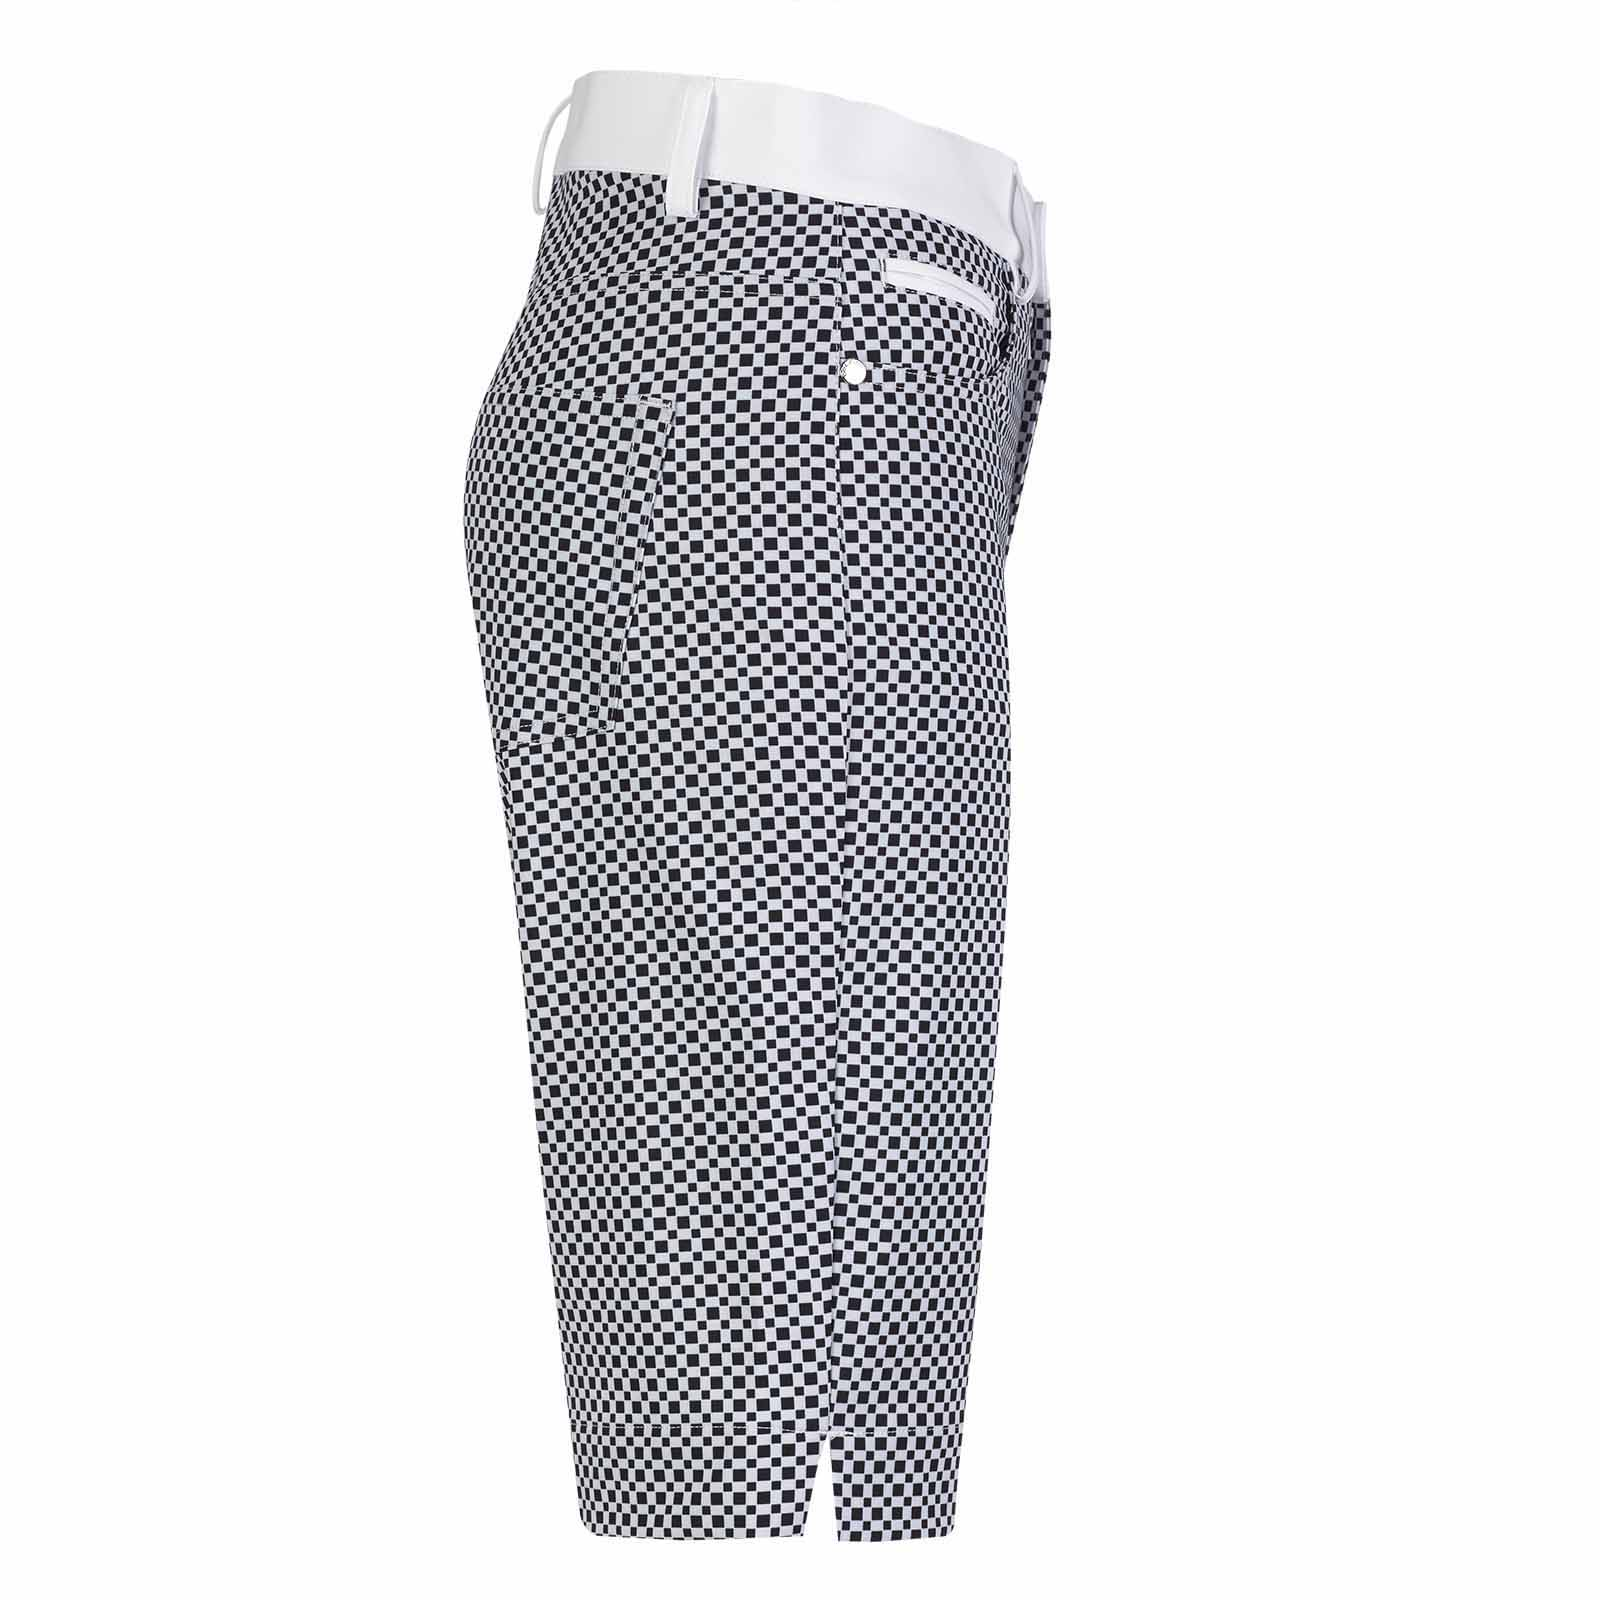 Damen Golf-Bermuda kurz aus wasserabweisendem Stretchmaterial in Slim Fit